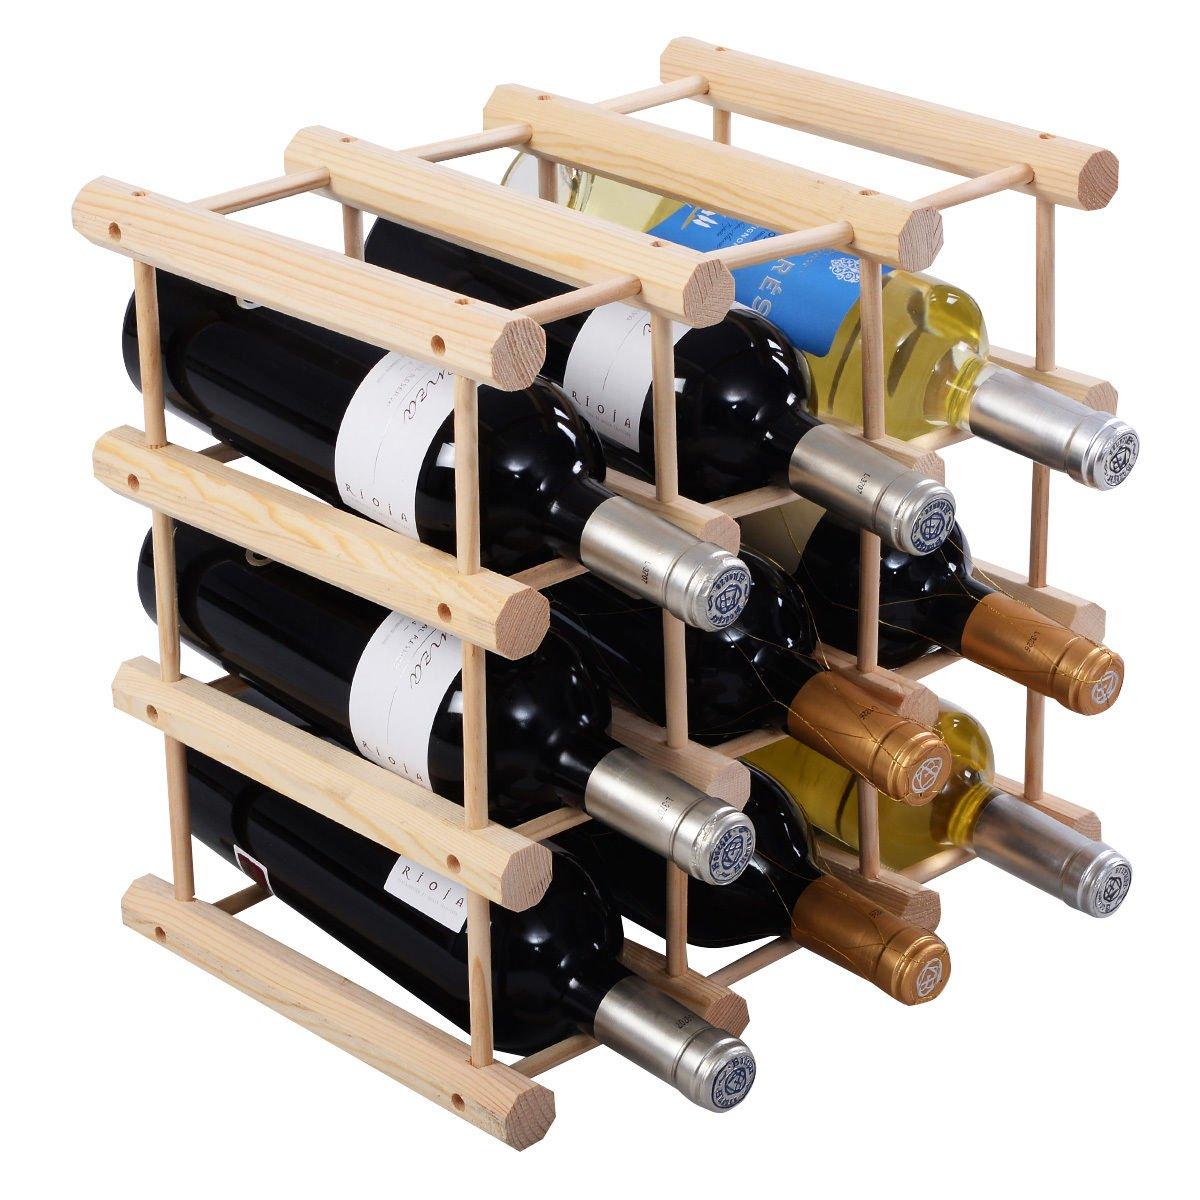 Wood Wine Rack Bottle Holder Storage Display Natural Kitchen 12 Bottle